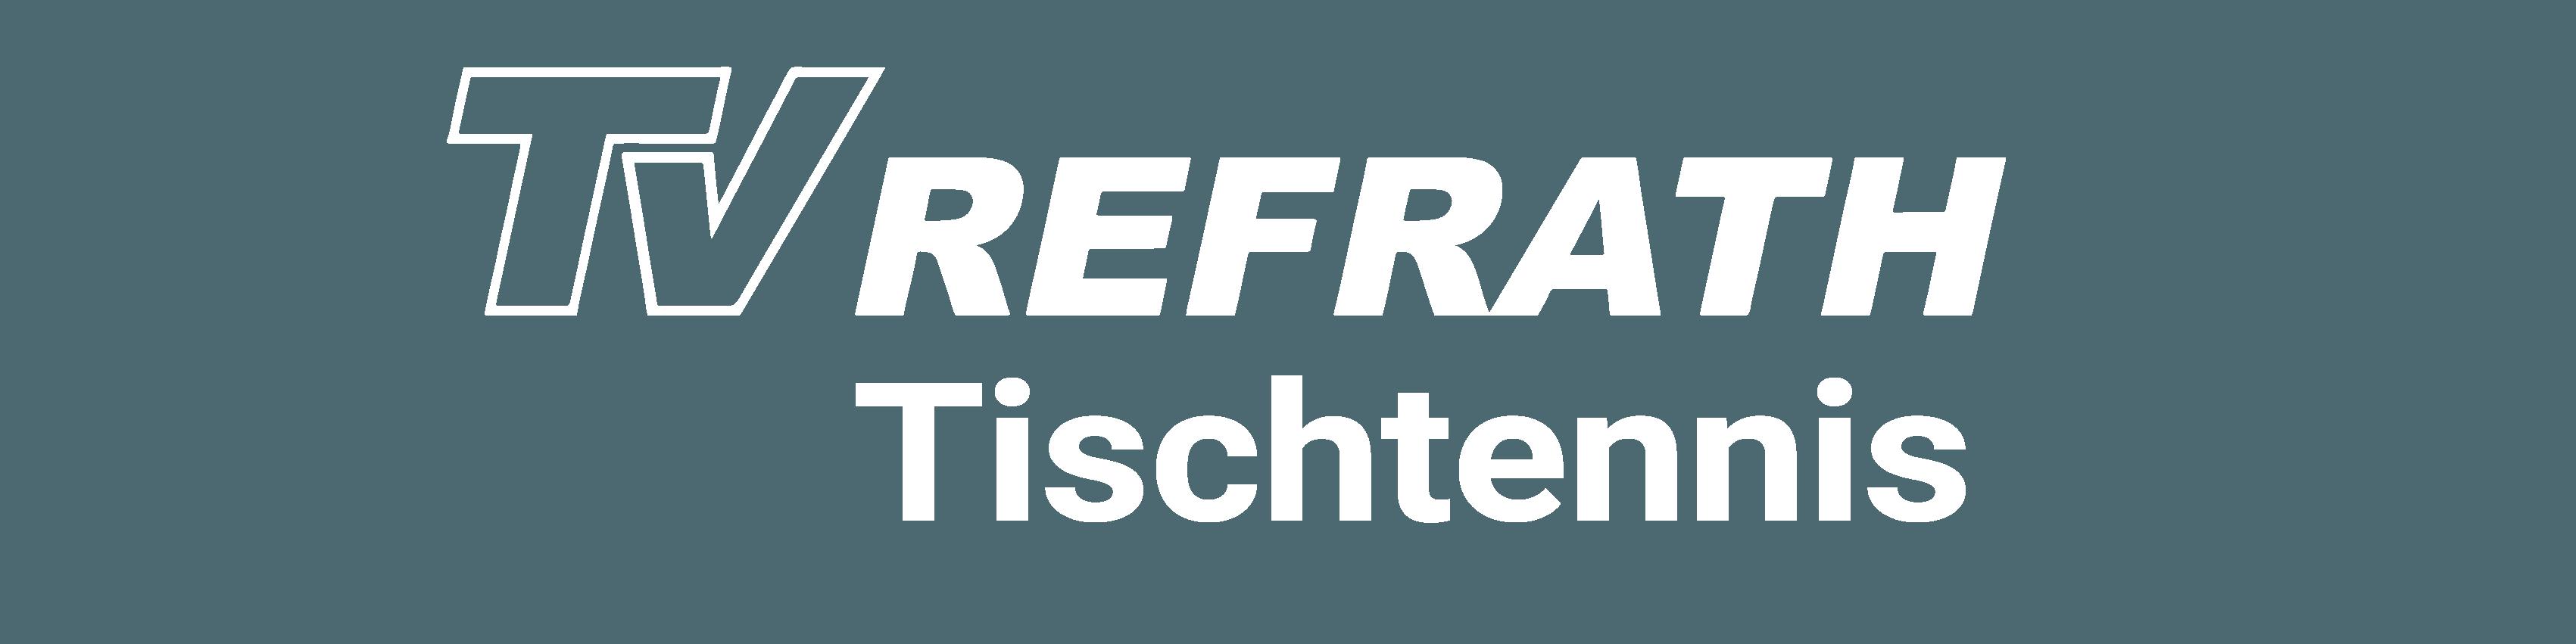 TV-Refrath-Tischtennis-Logo-negativ